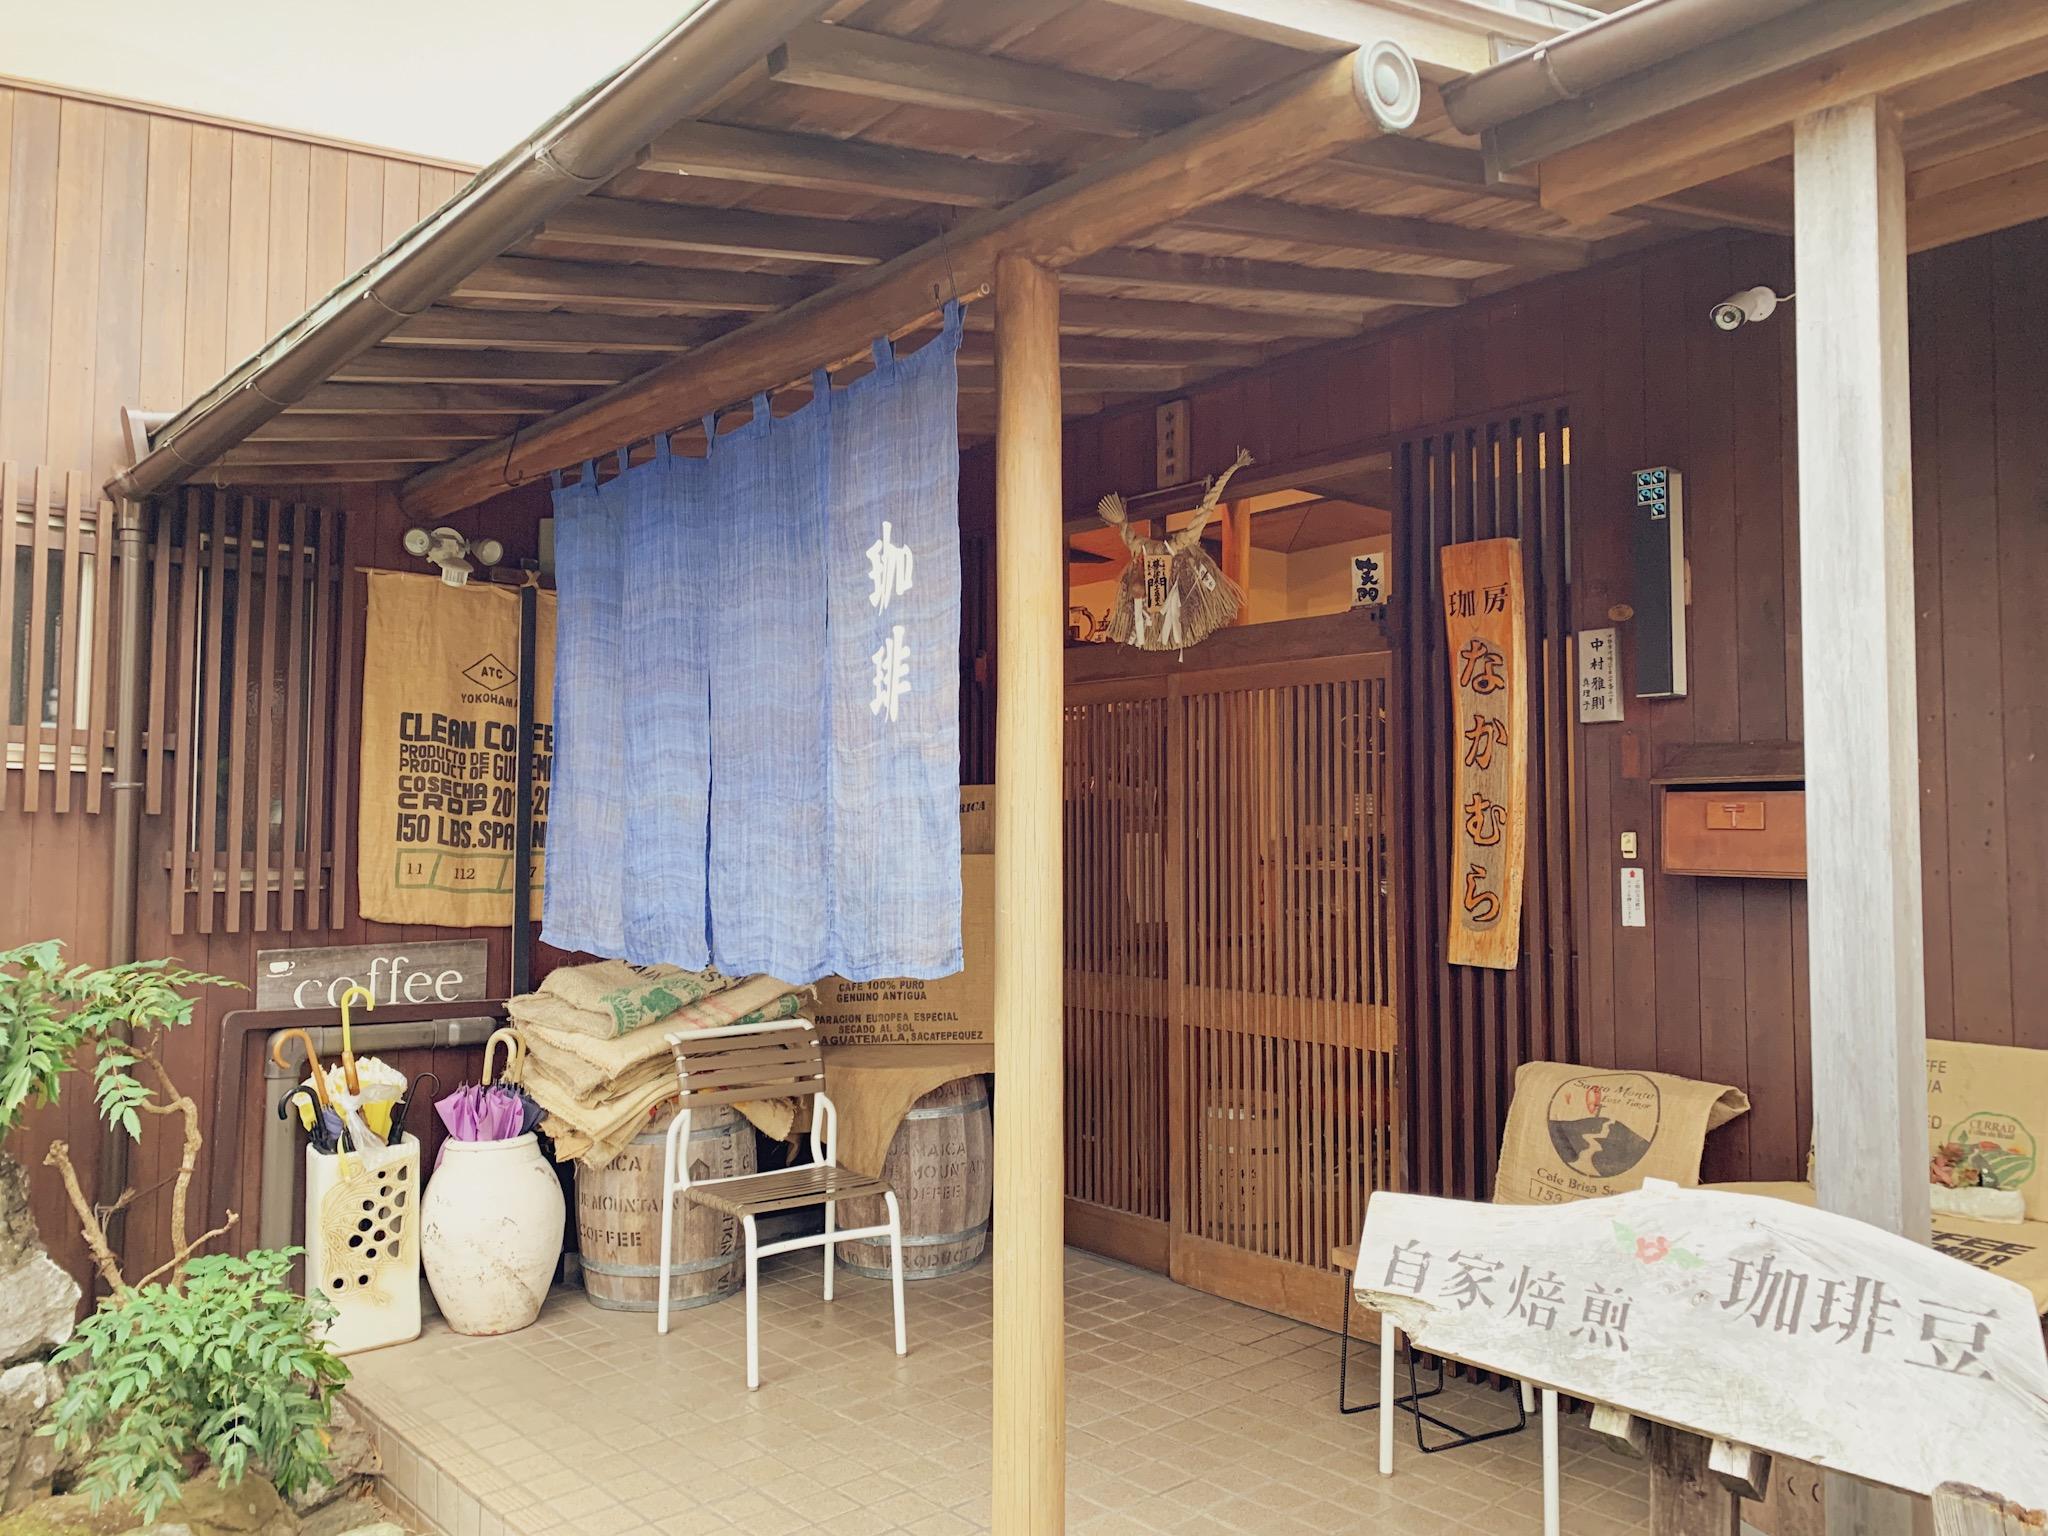 伊勢はコーヒーの美味しい街。なぜなら自家焙煎珈琲豆専門店「なかむら珈房」があるのだから。